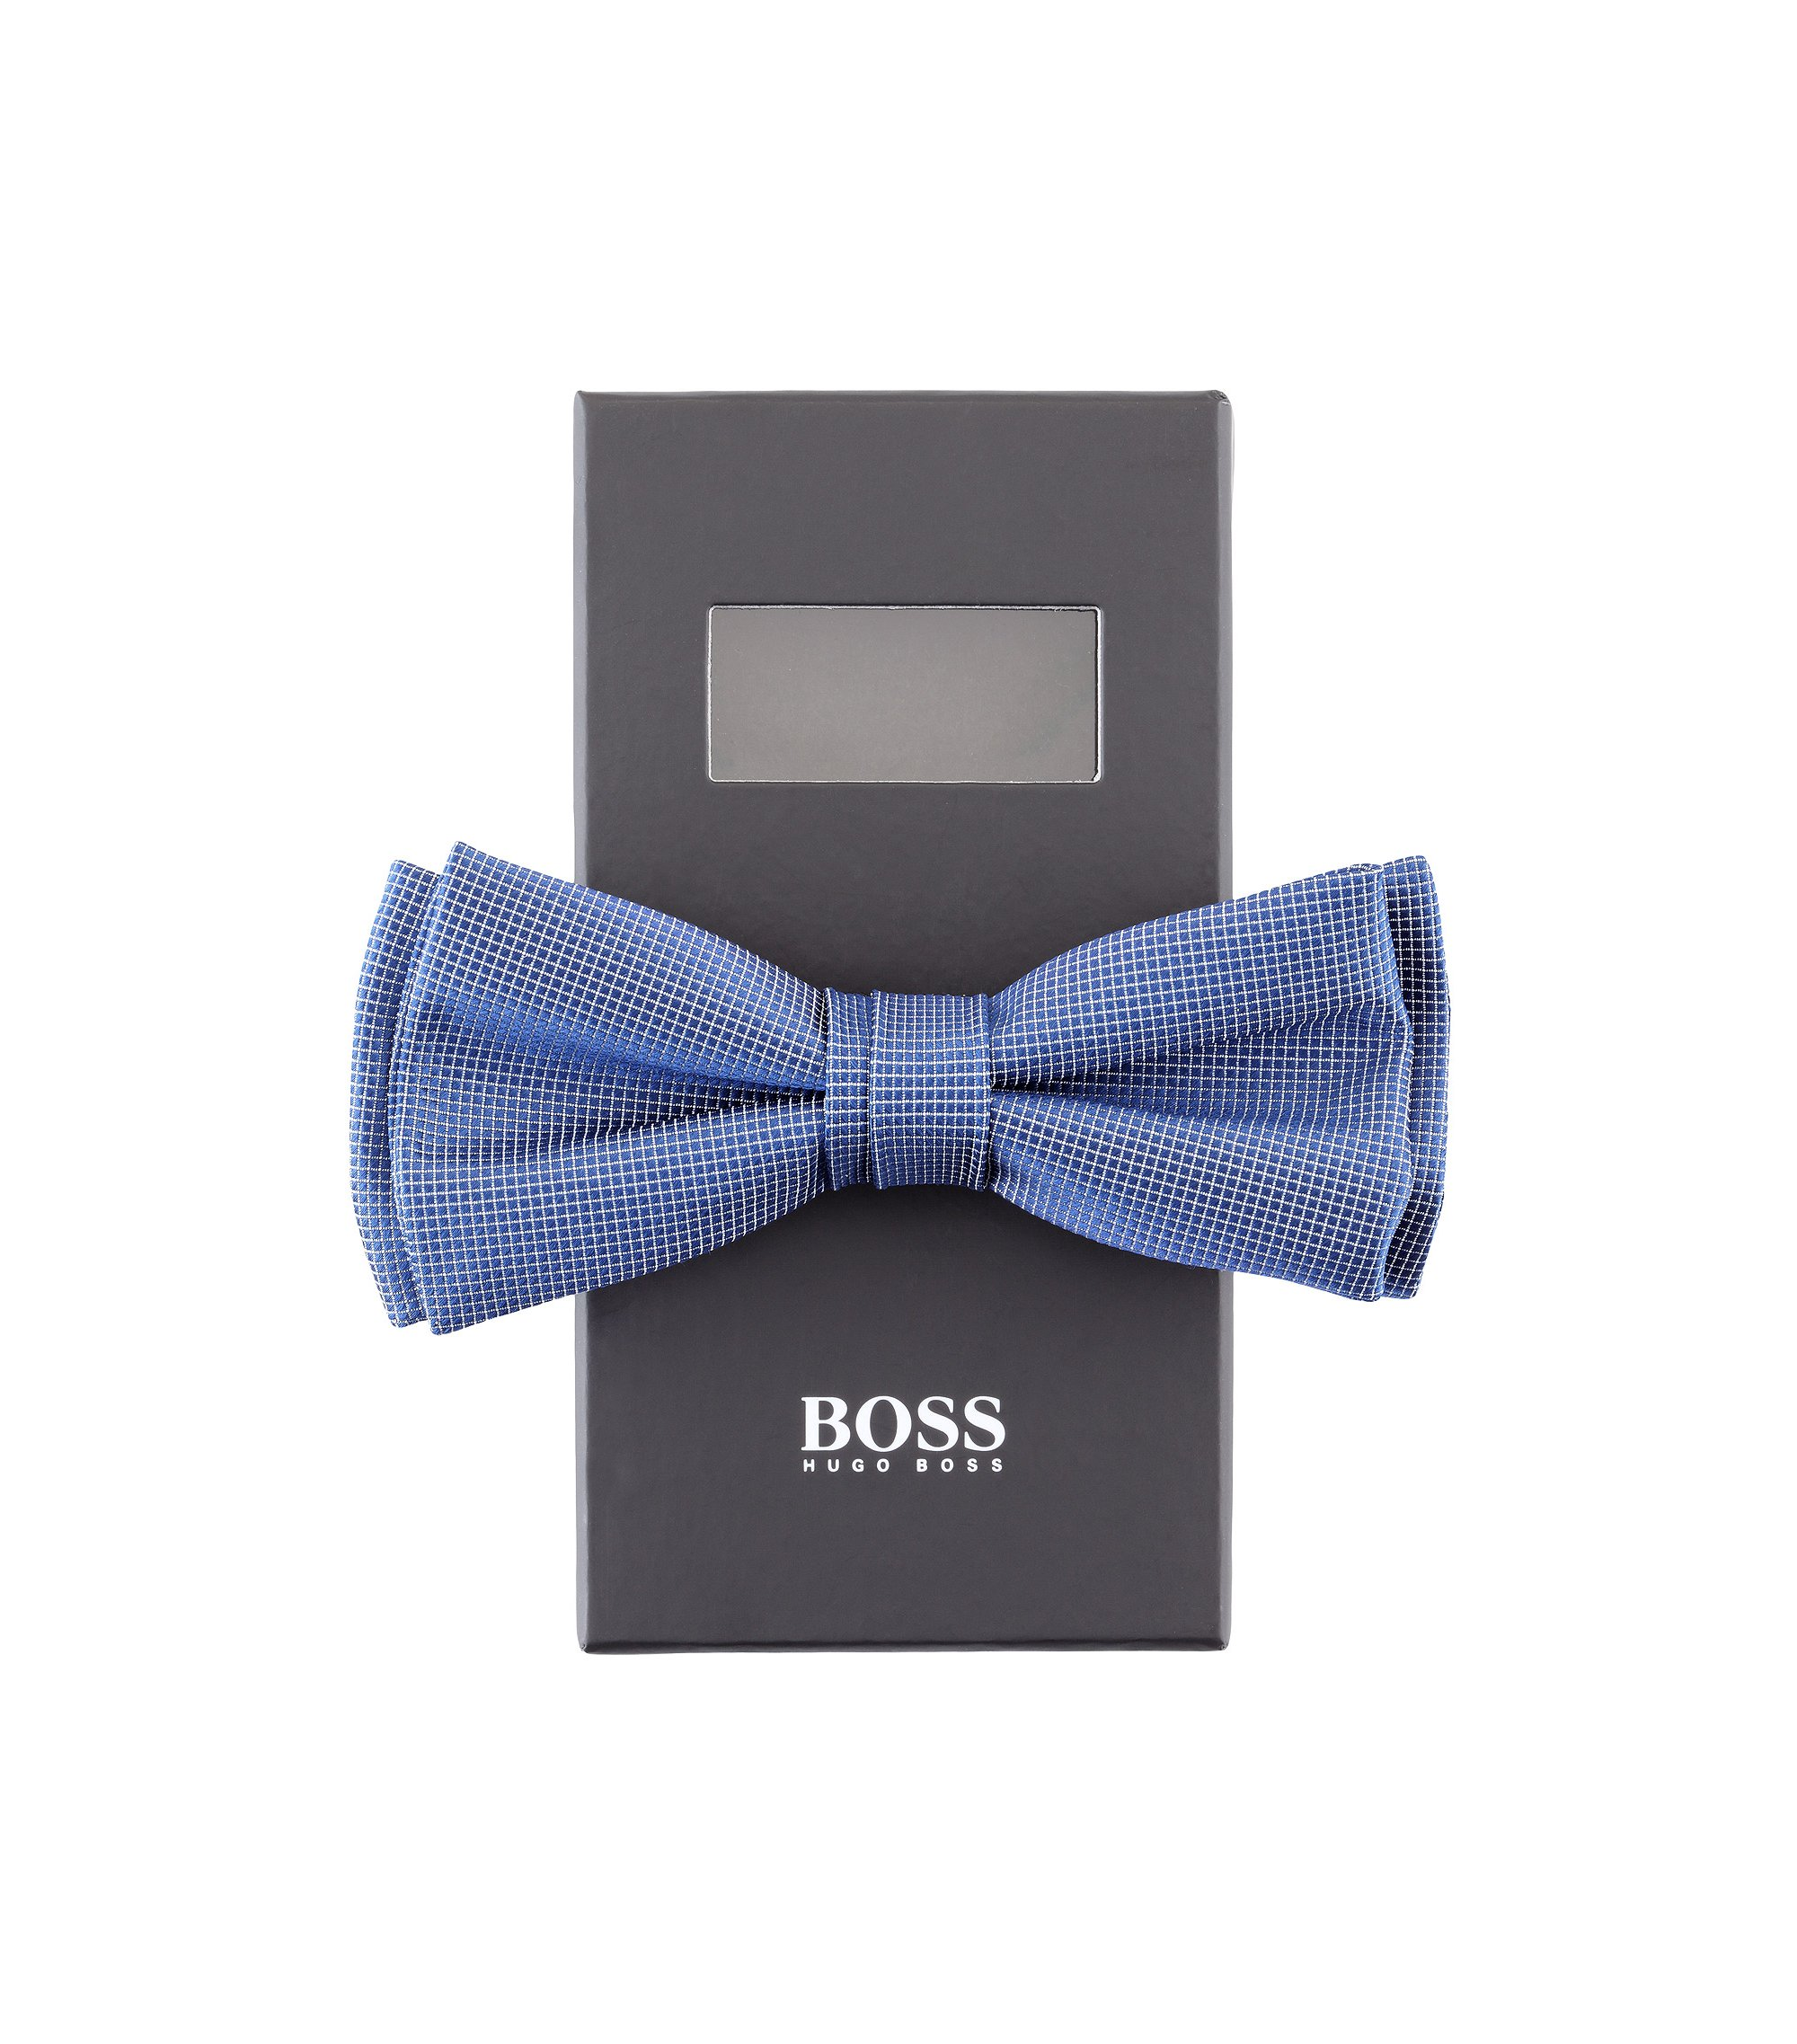 Fliege ´Bow tie fashion` aus hochwertiger Seide, Blau